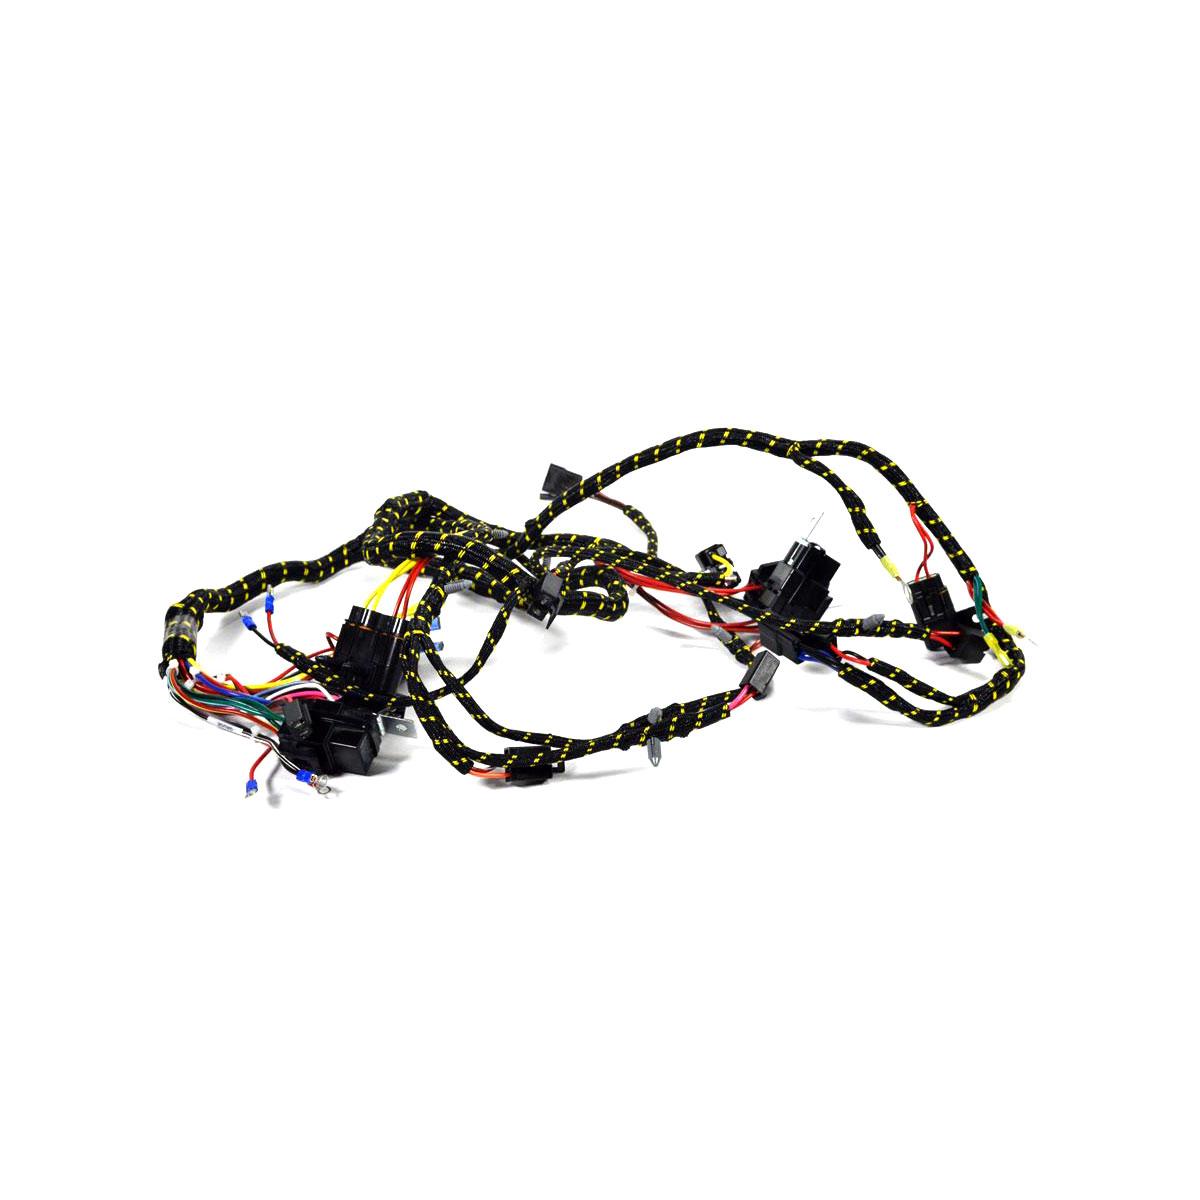 Scag Wire Harness Stt Dfi 484657 Wiring